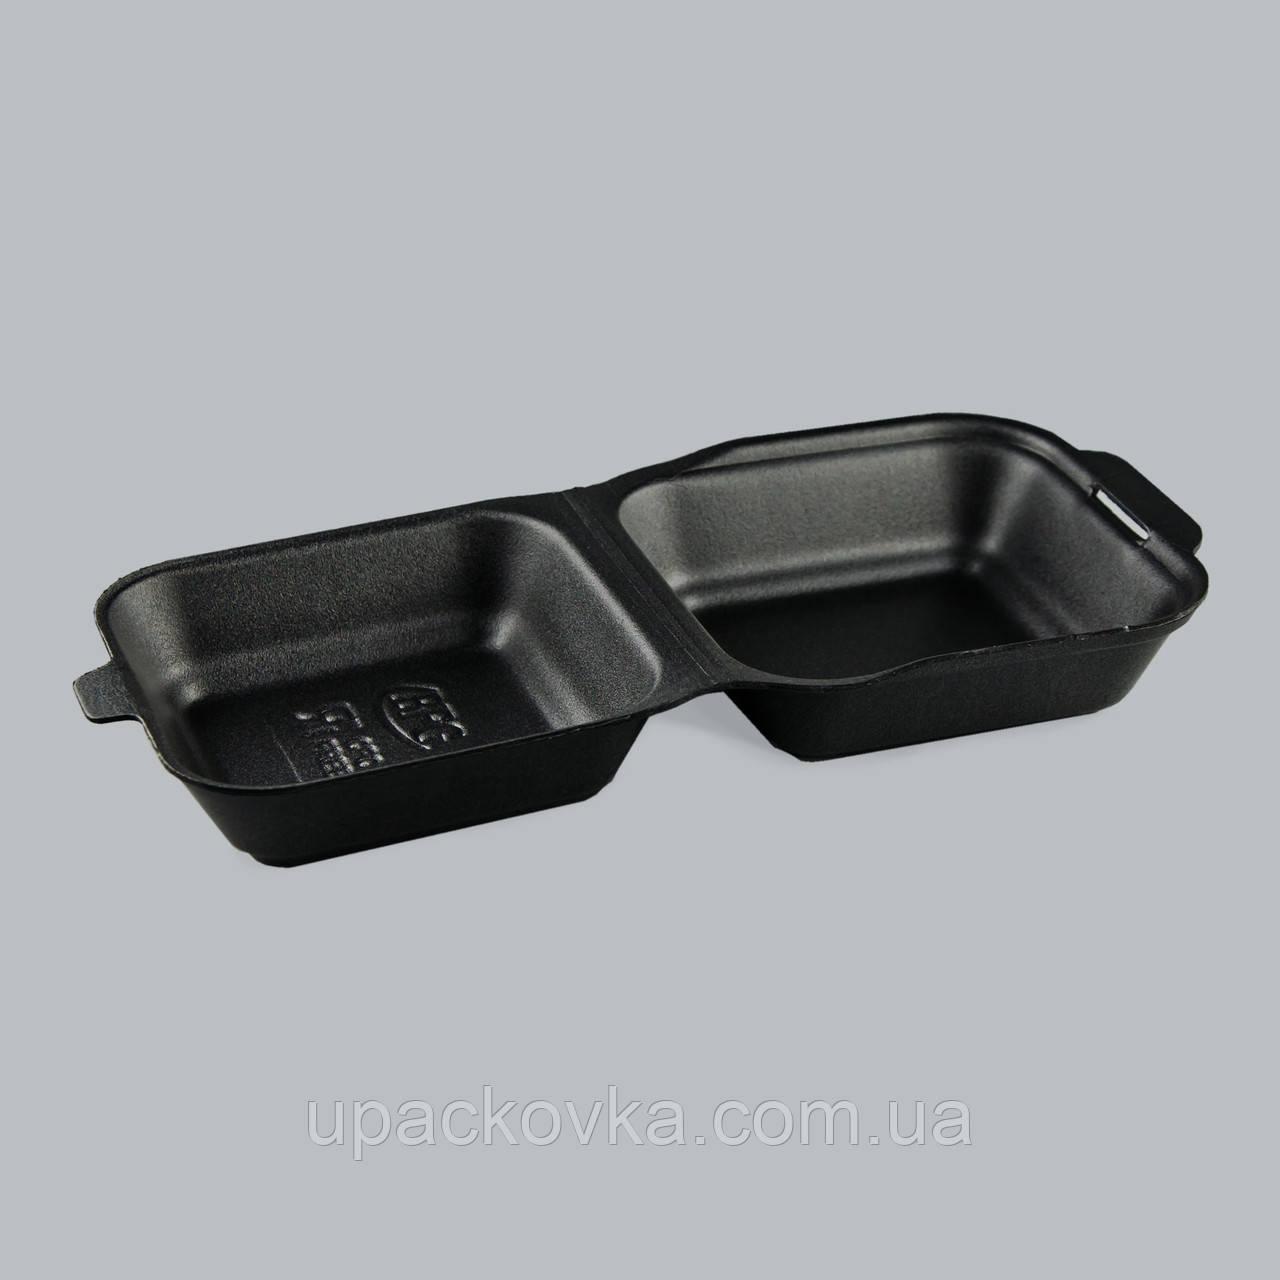 Ланч-бокс (СЕНДВИЧ) ЧЕРНЫЙ с крышкой, без делений из вспененного полистирола  150x150x70 мм.